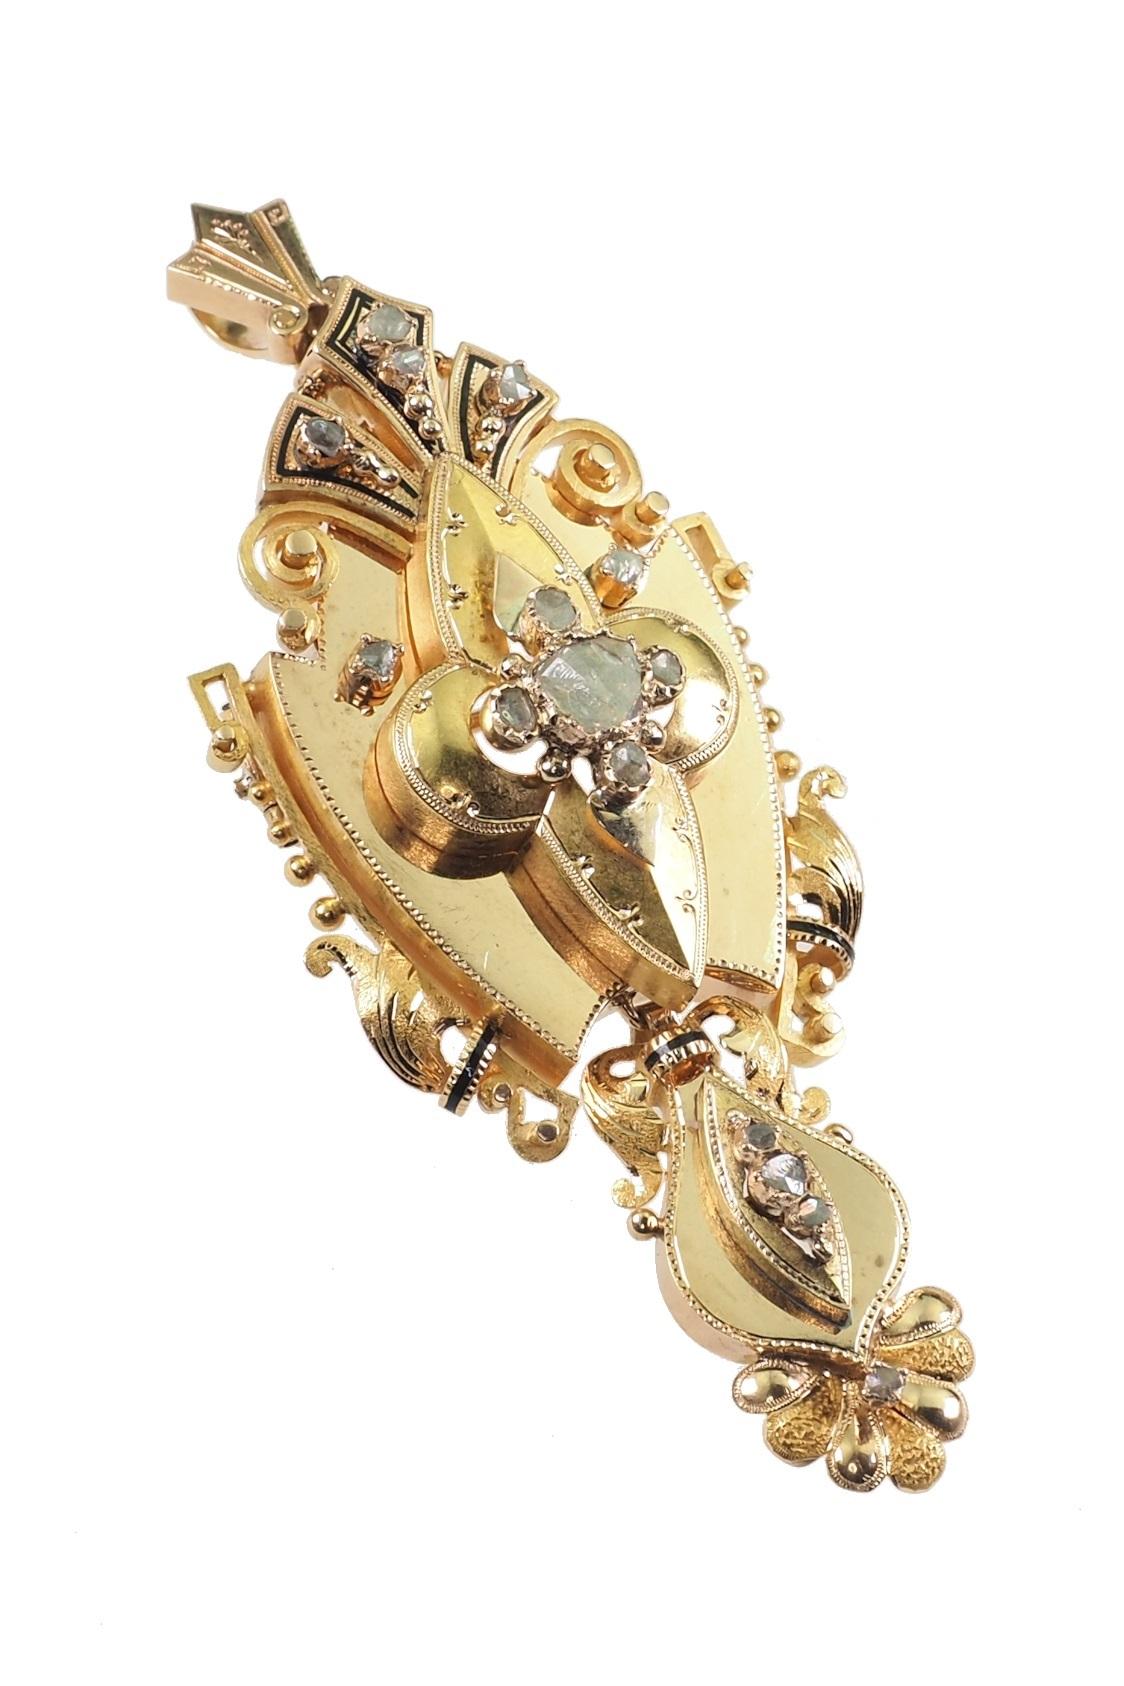 Goldohrringe-online-kaufen-1430a